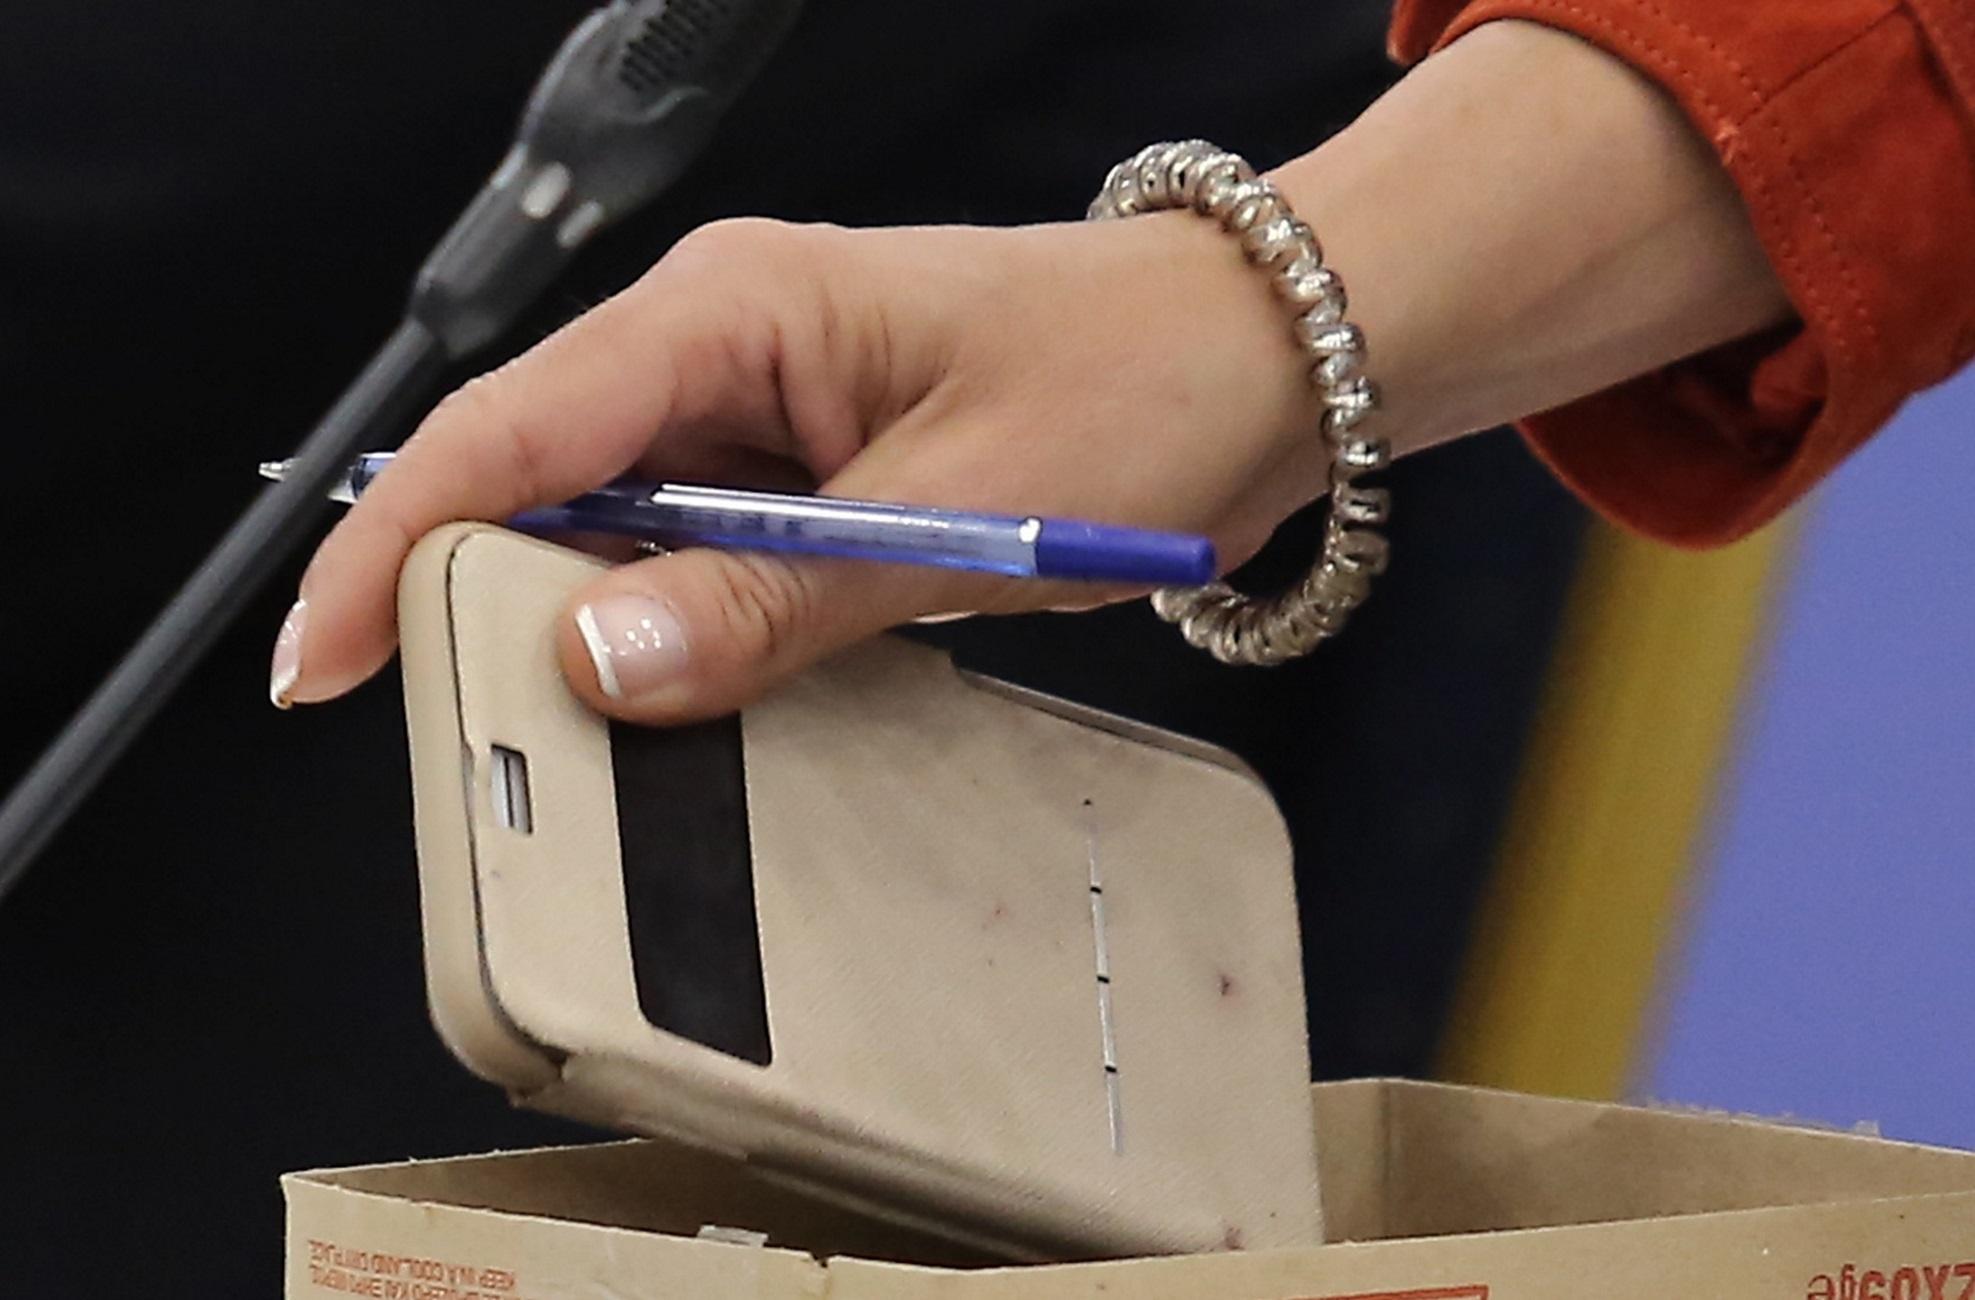 Θεσσαλονίκη: Το κινητό τελευταίας τεχνολογίας με τη δελεαστική τιμή έκρυβε μια μεγάλη παγίδα!